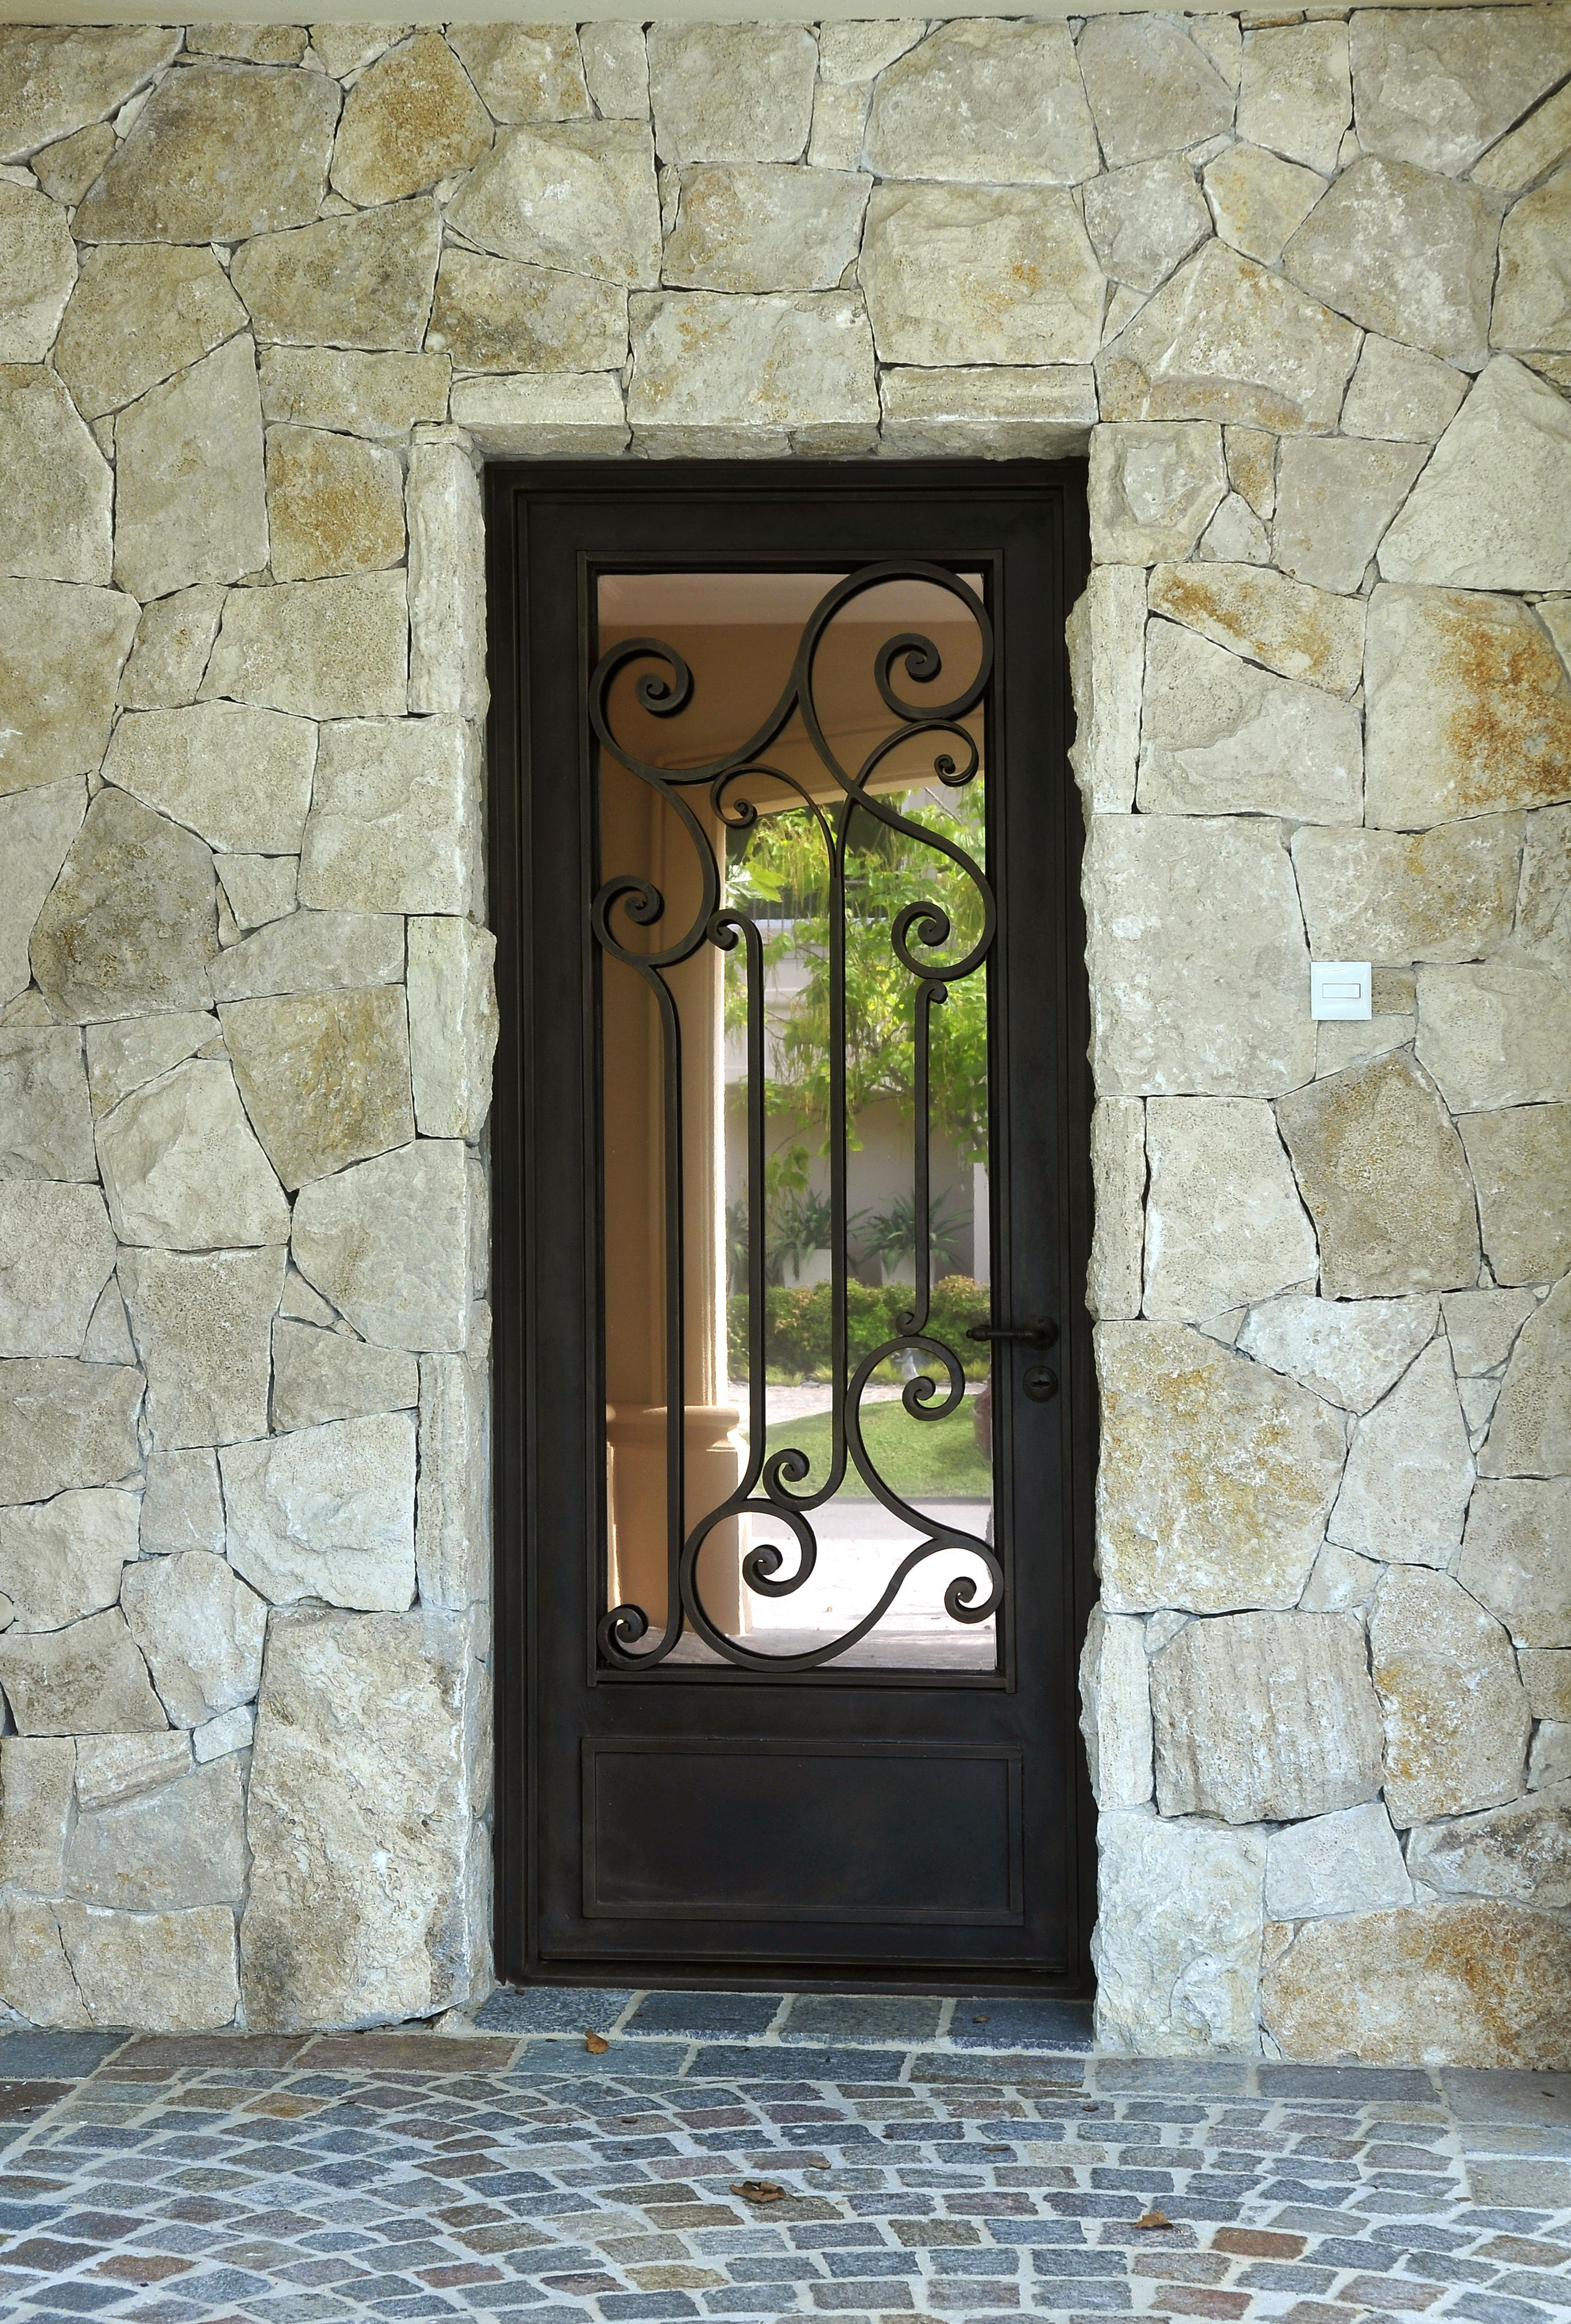 Puerta de hierro forjado delhierrodesign obras del for Puertas de herreria para casa